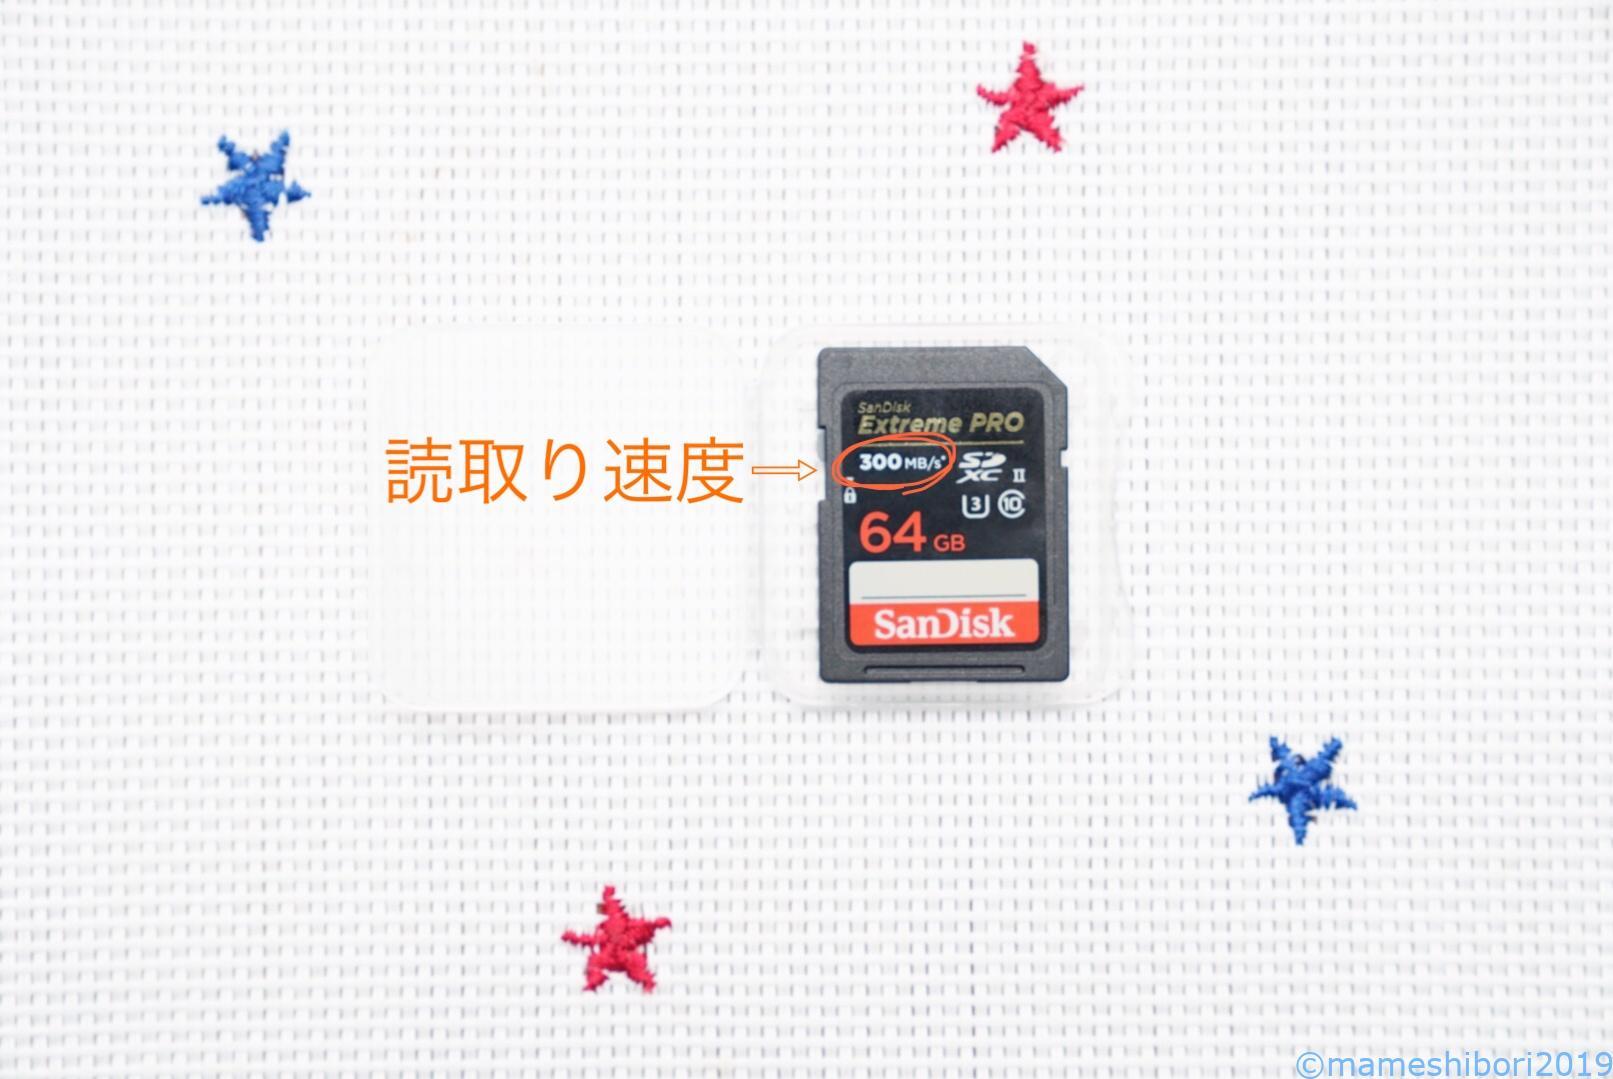 8A97D79C-FCB0-4AB3-8B0F-EE8BC431F5DC